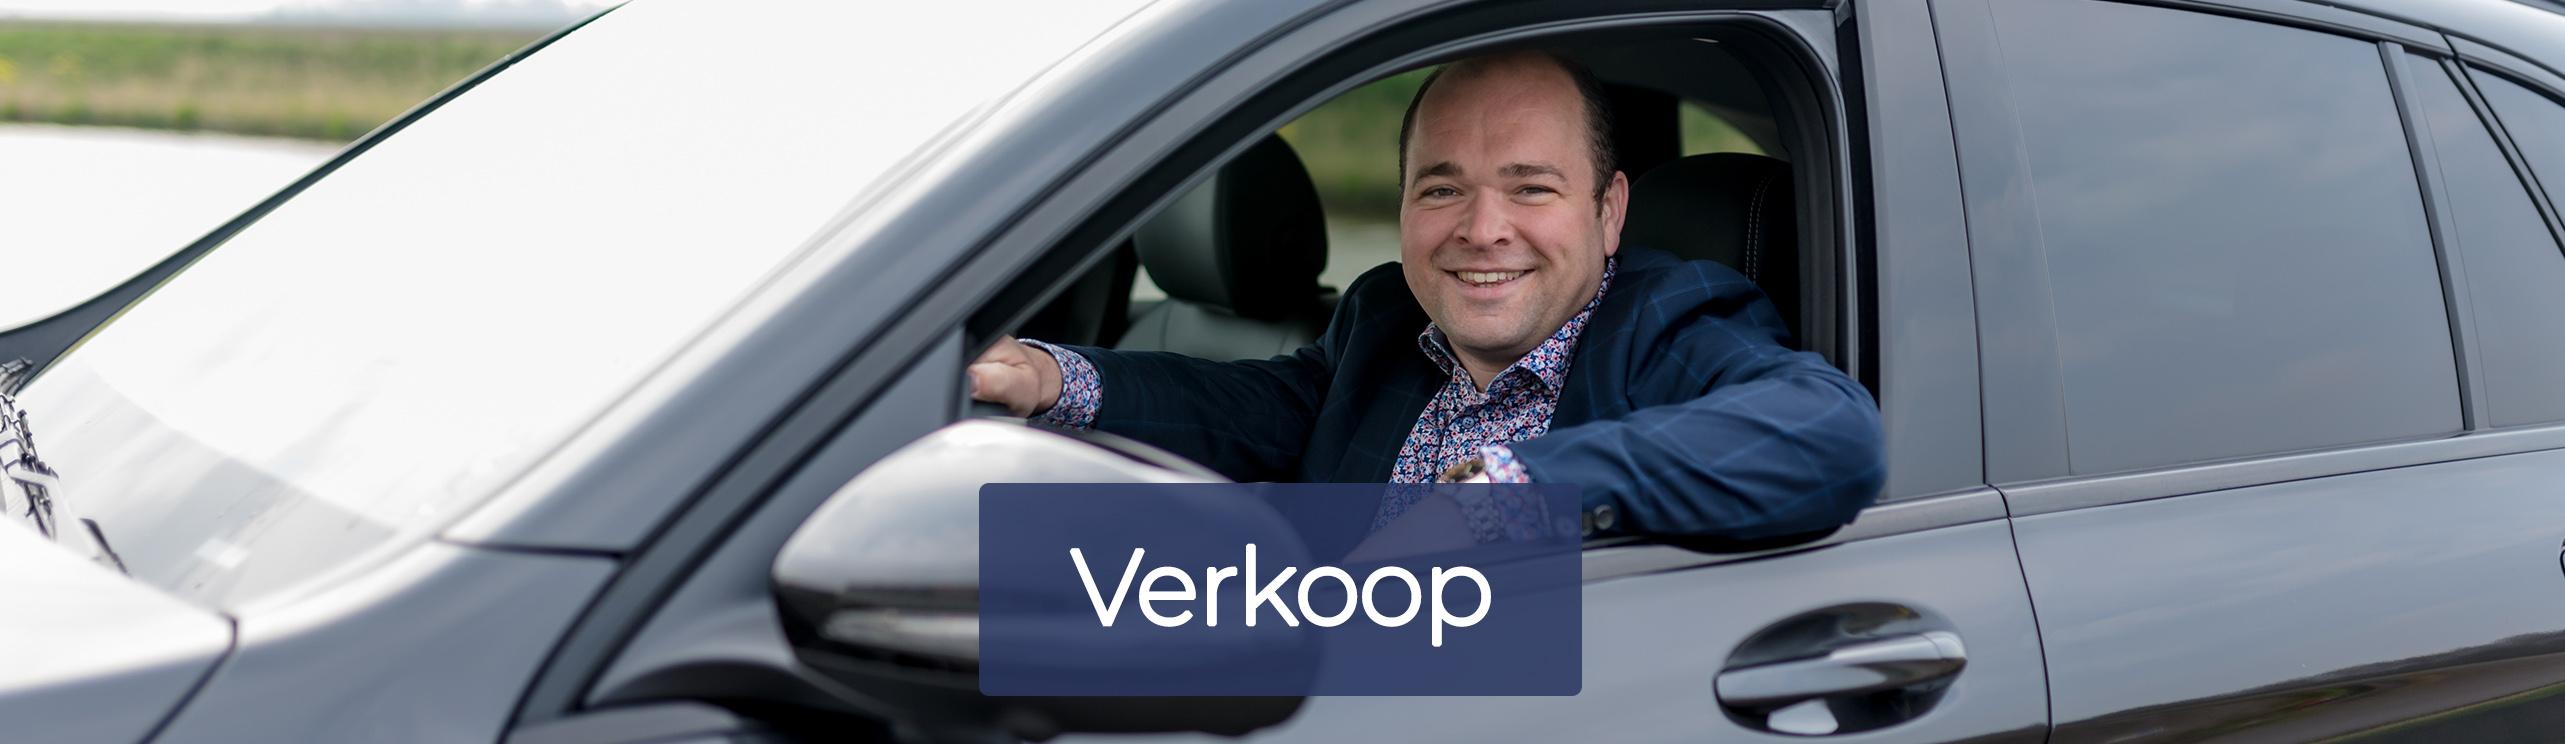 Verkoop Autocentrum Flevoland in Emmeloord